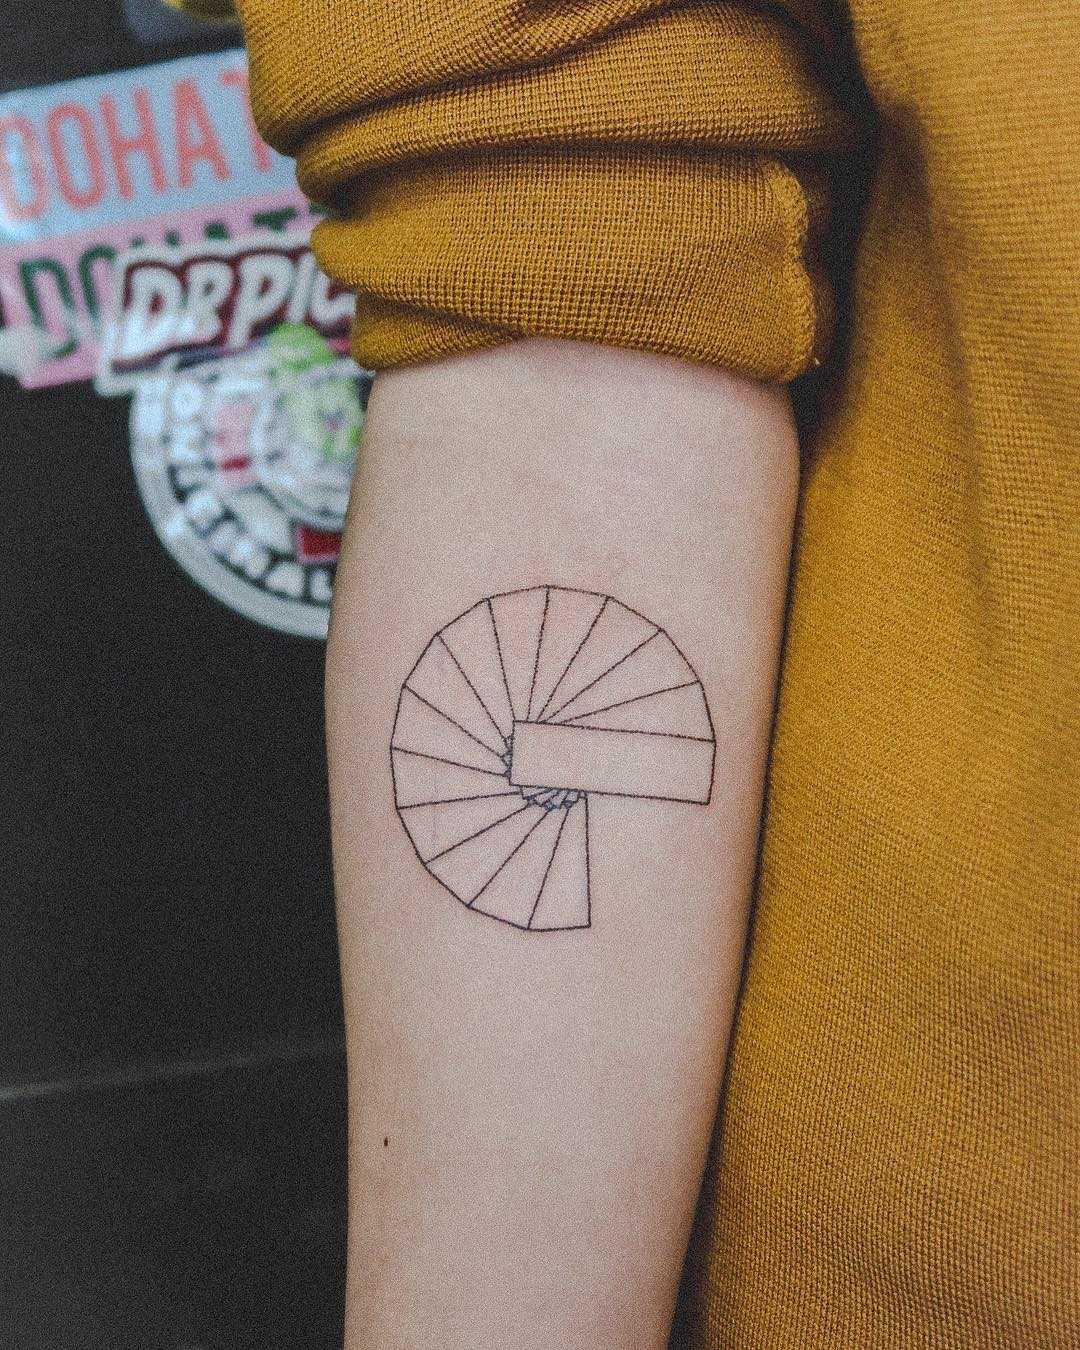 Infinity by tattooist Bongkee